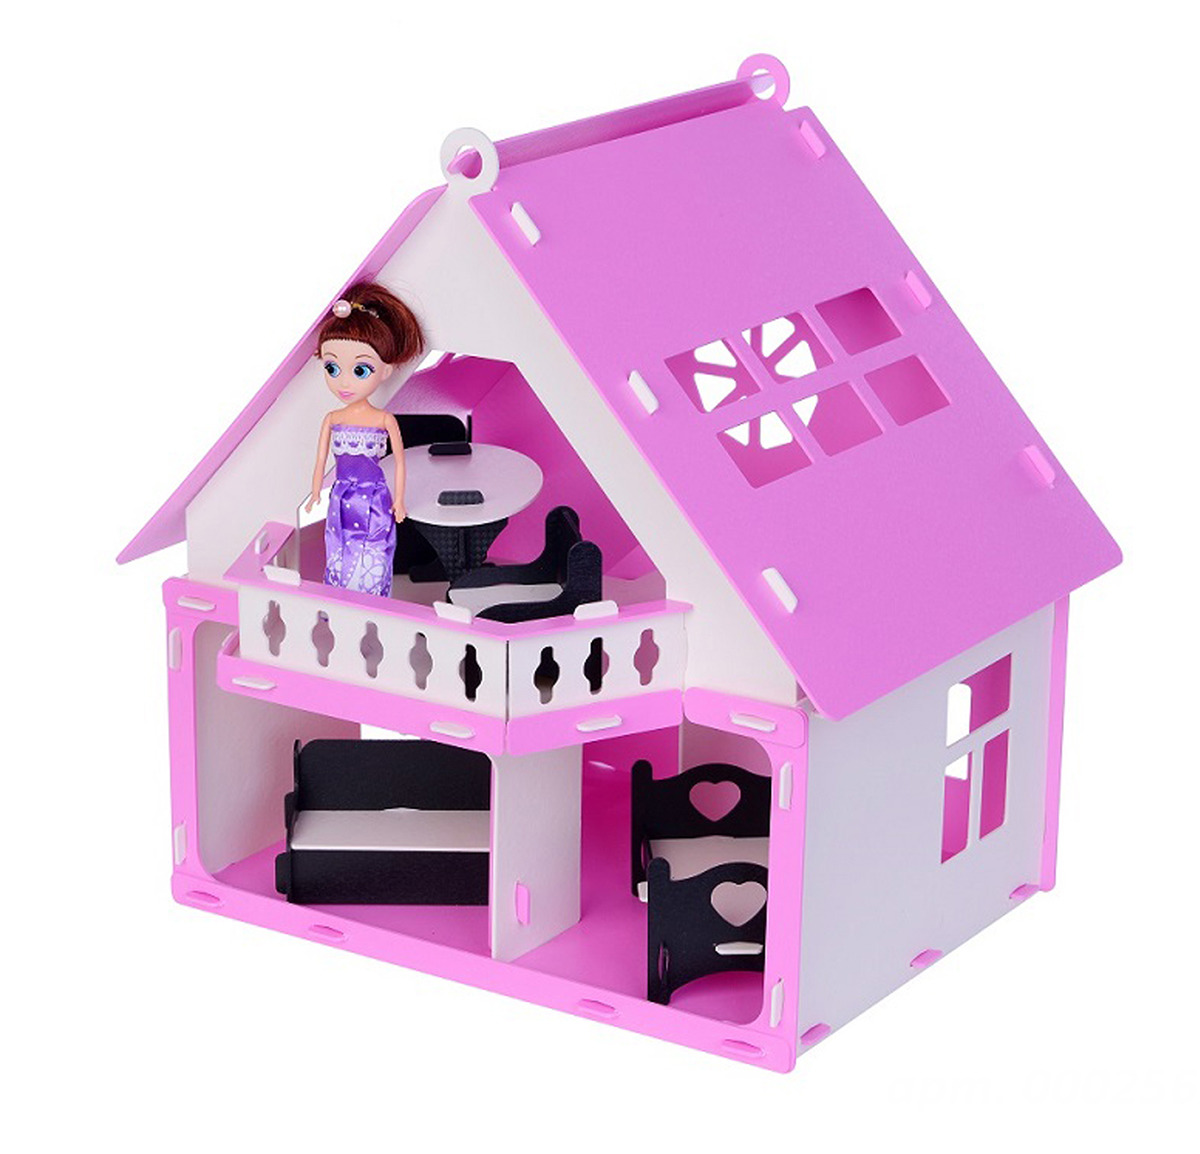 Дом для кукол Krasatoys Дачный дом Варенька, 3494264, с мебелью replace and choose домик для кукол летний дом вероника бело с мебелью